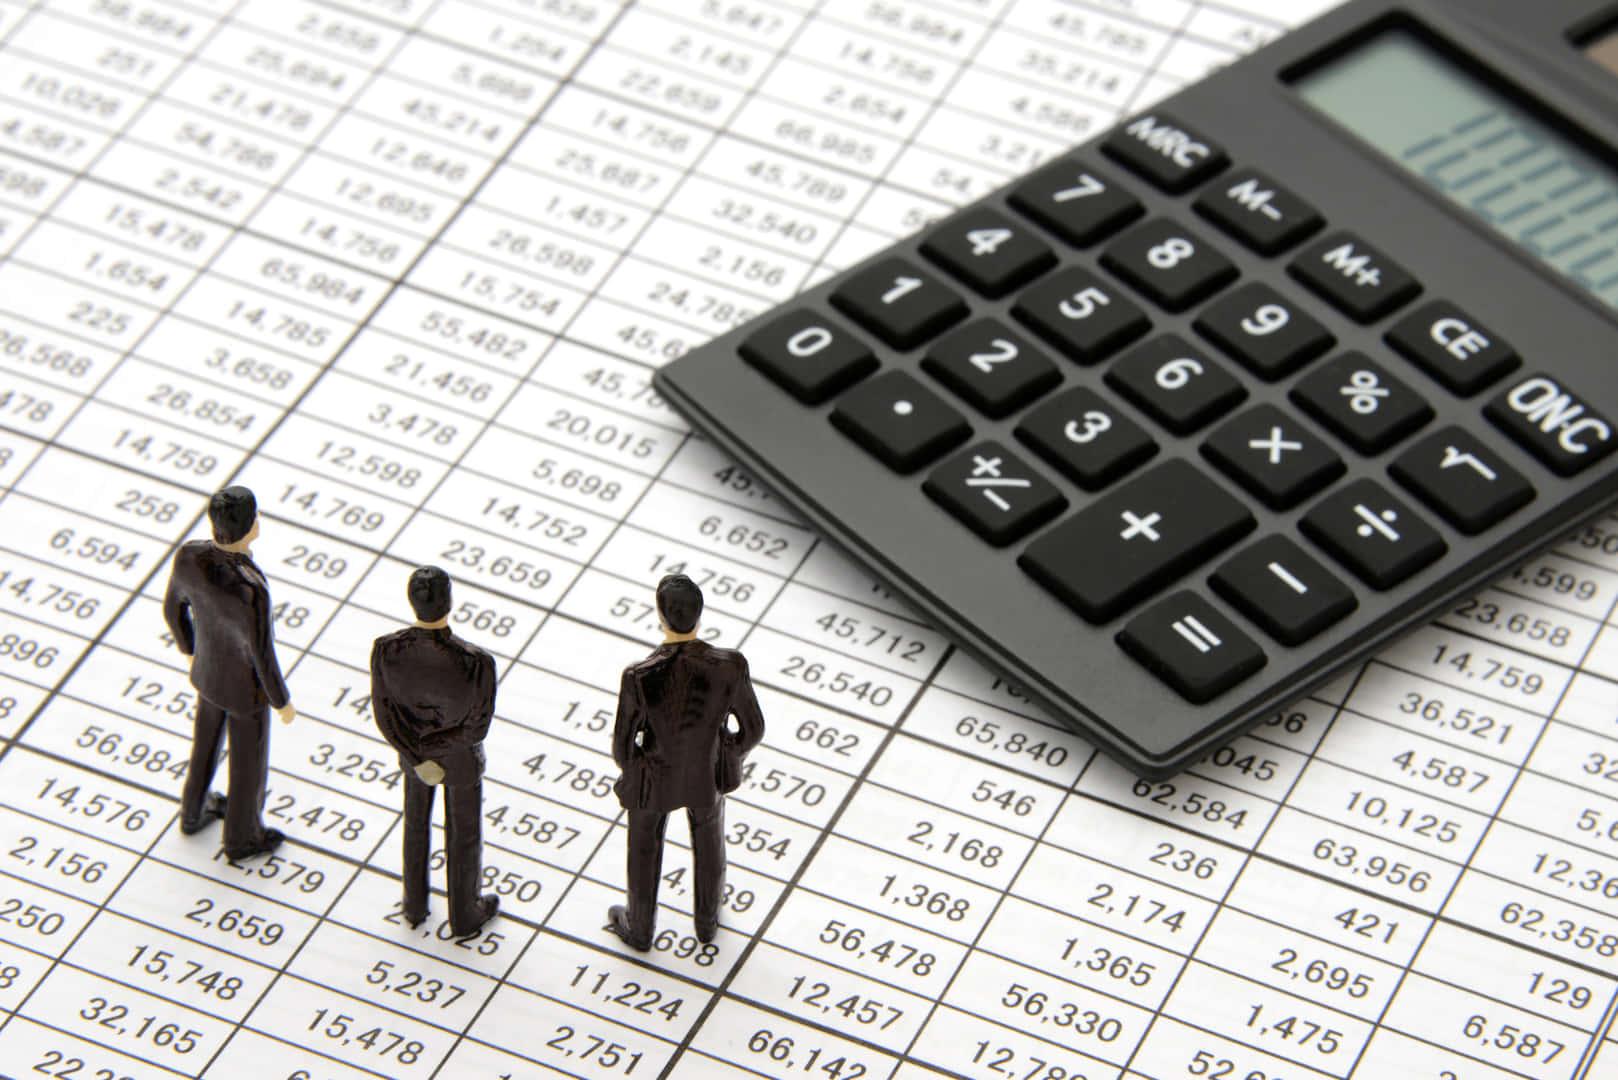 一番儲かる投資は『債券』『不動産』『FX』『株式』『自己投資』のどれなのかを比較解説する。